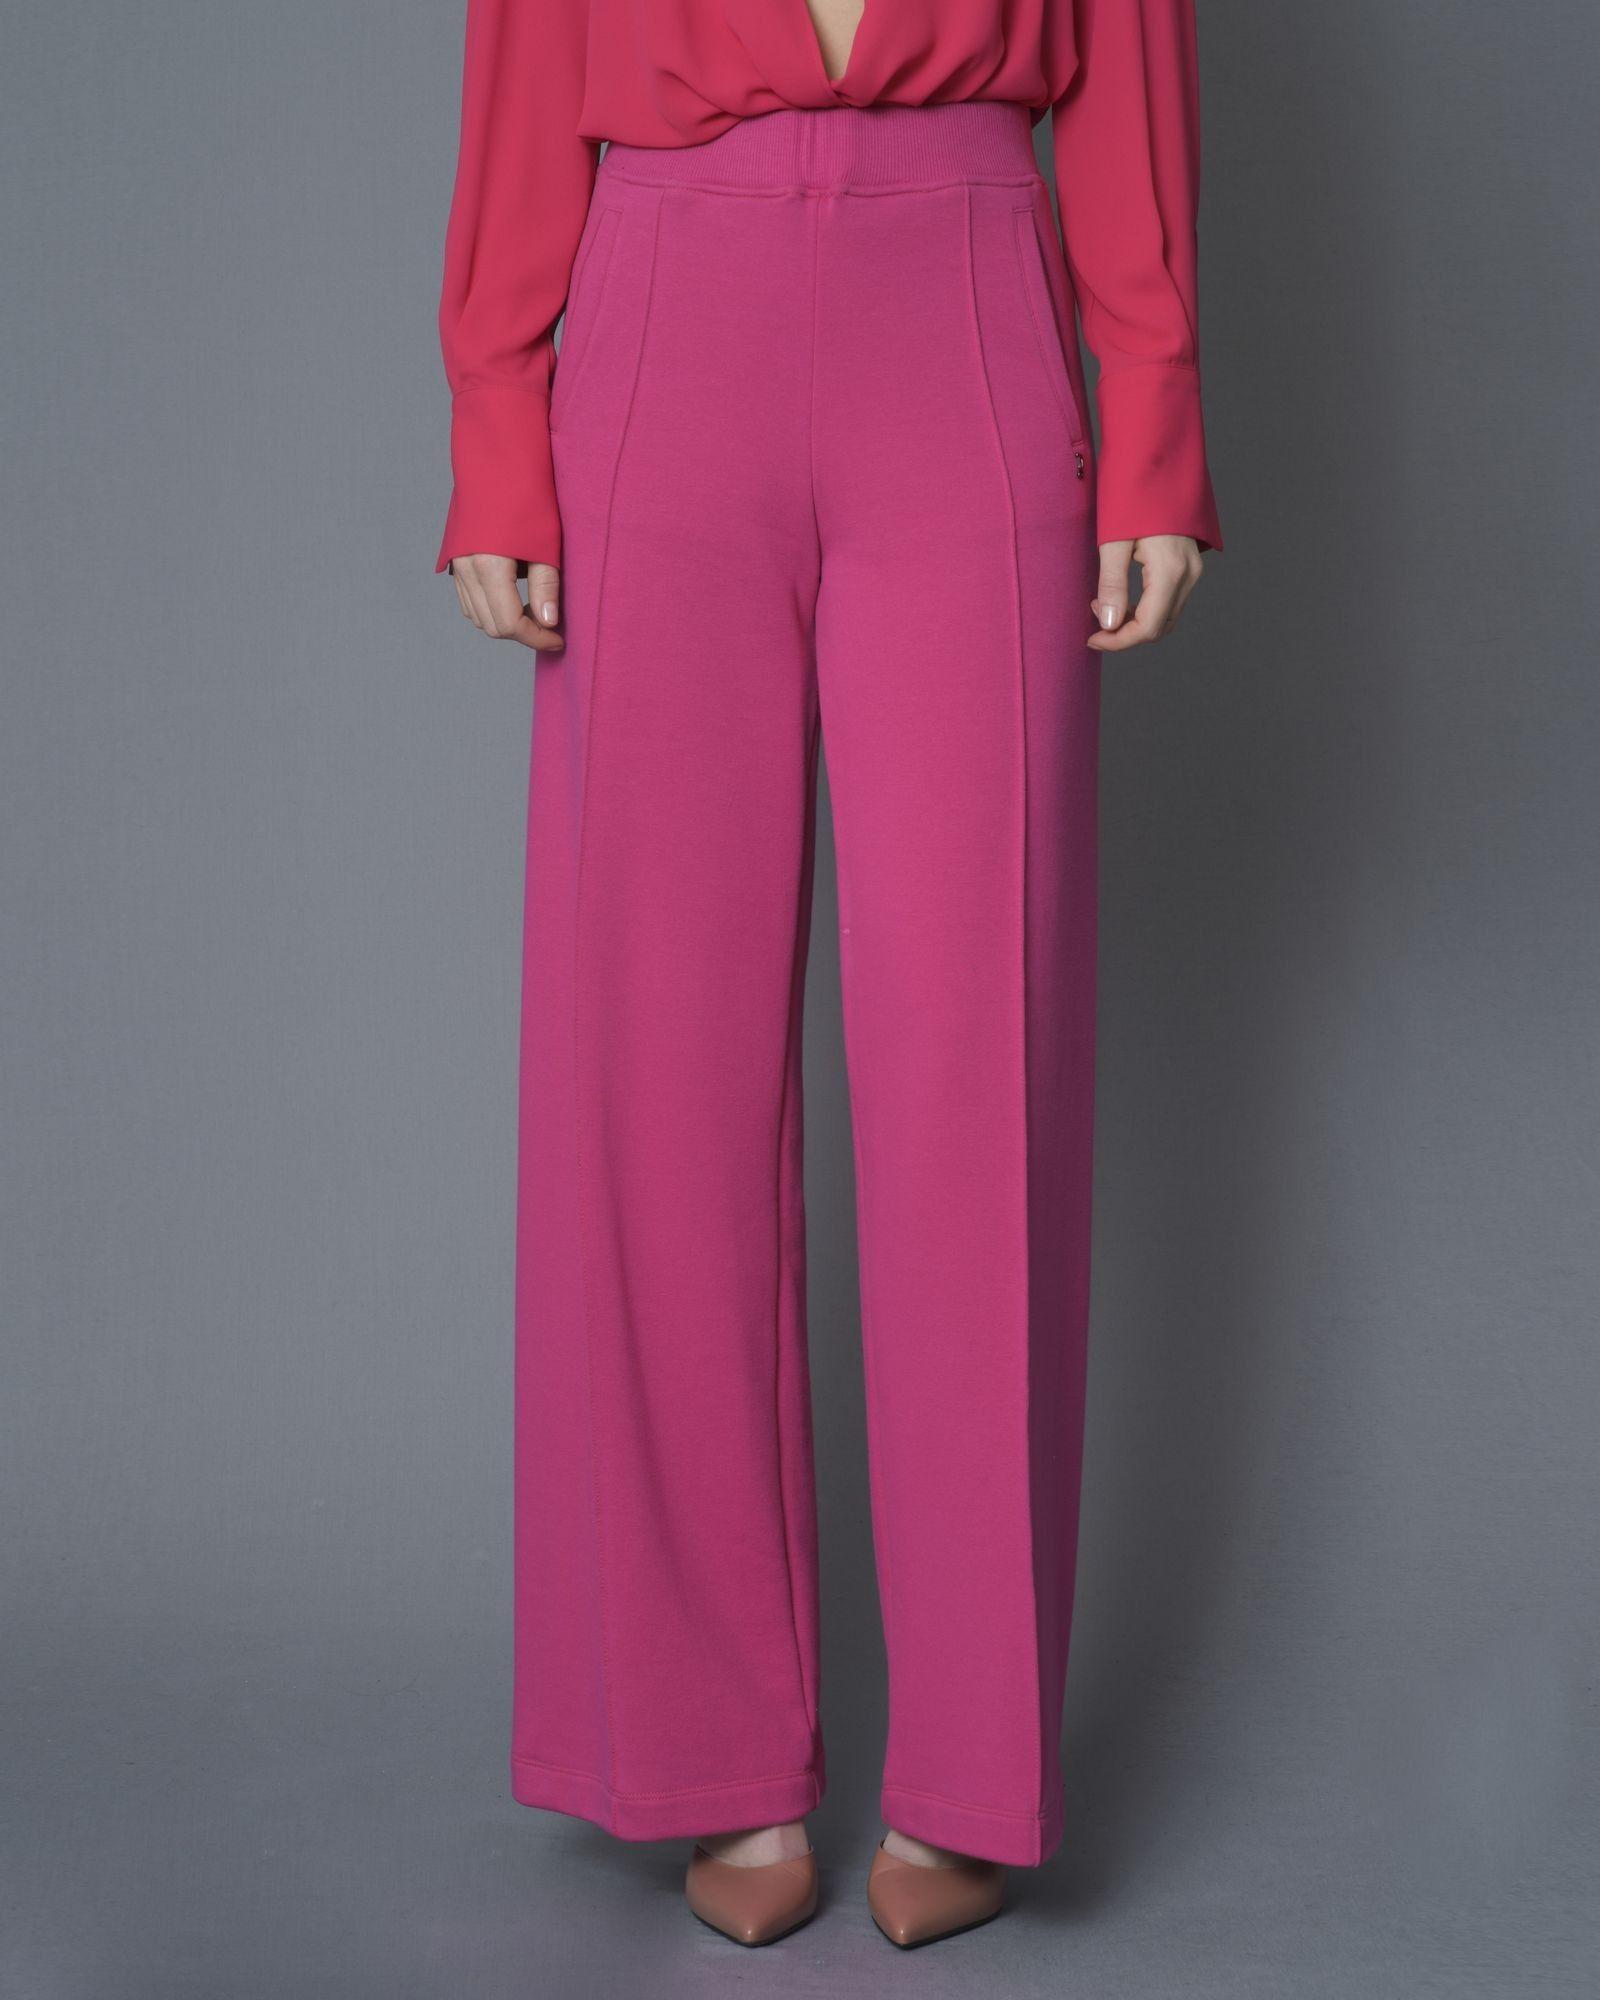 Pantalon de survêtement large en coton mélangé rose Jijil.